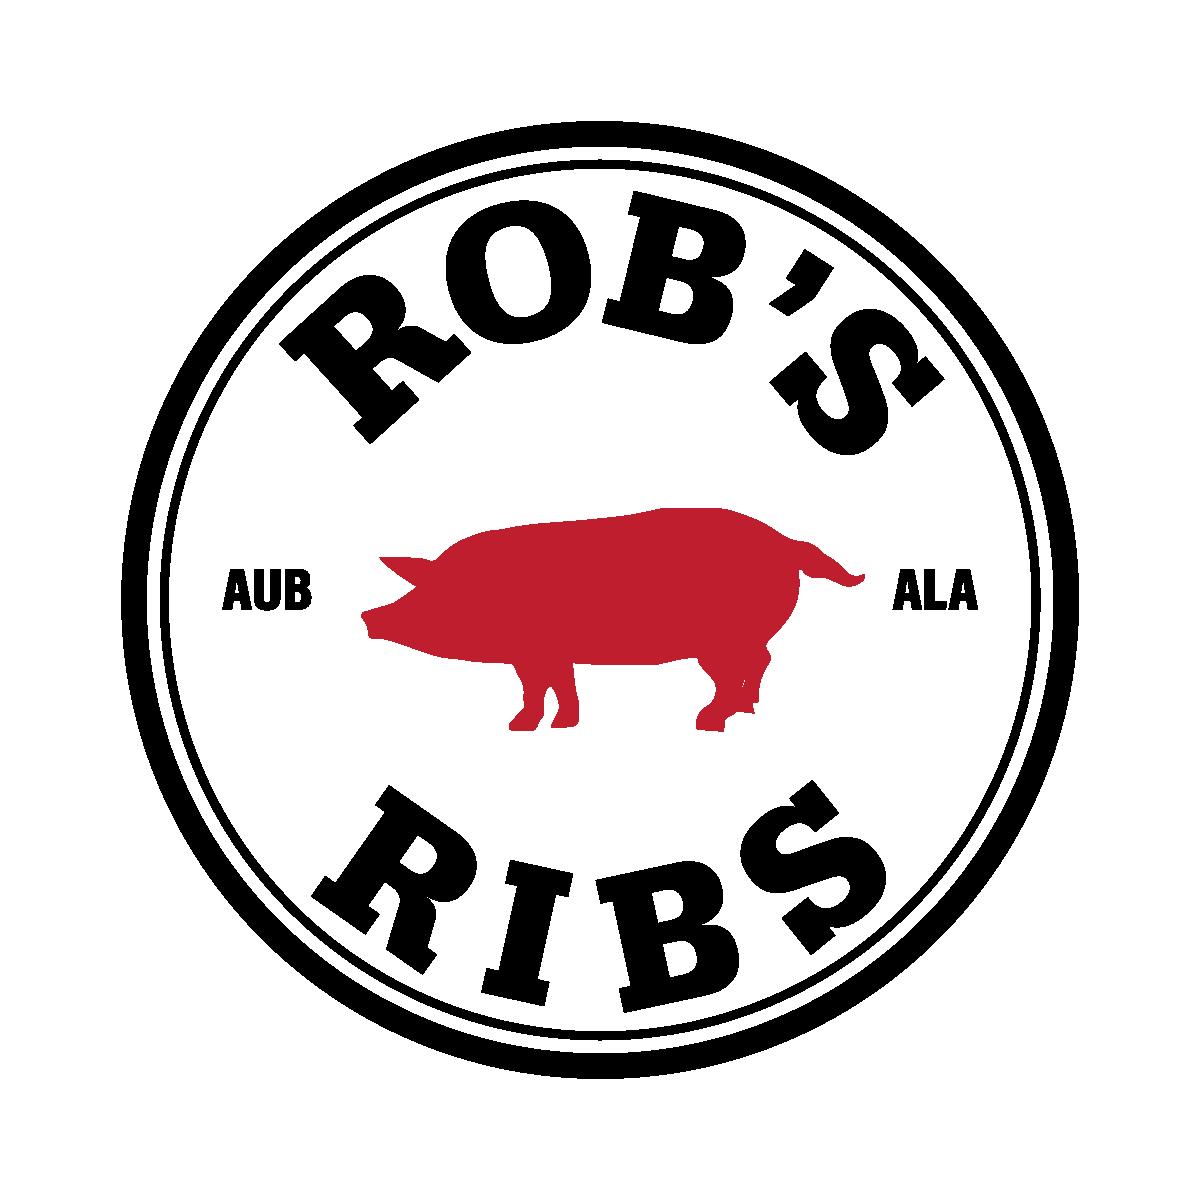 Rob's Ribs logo